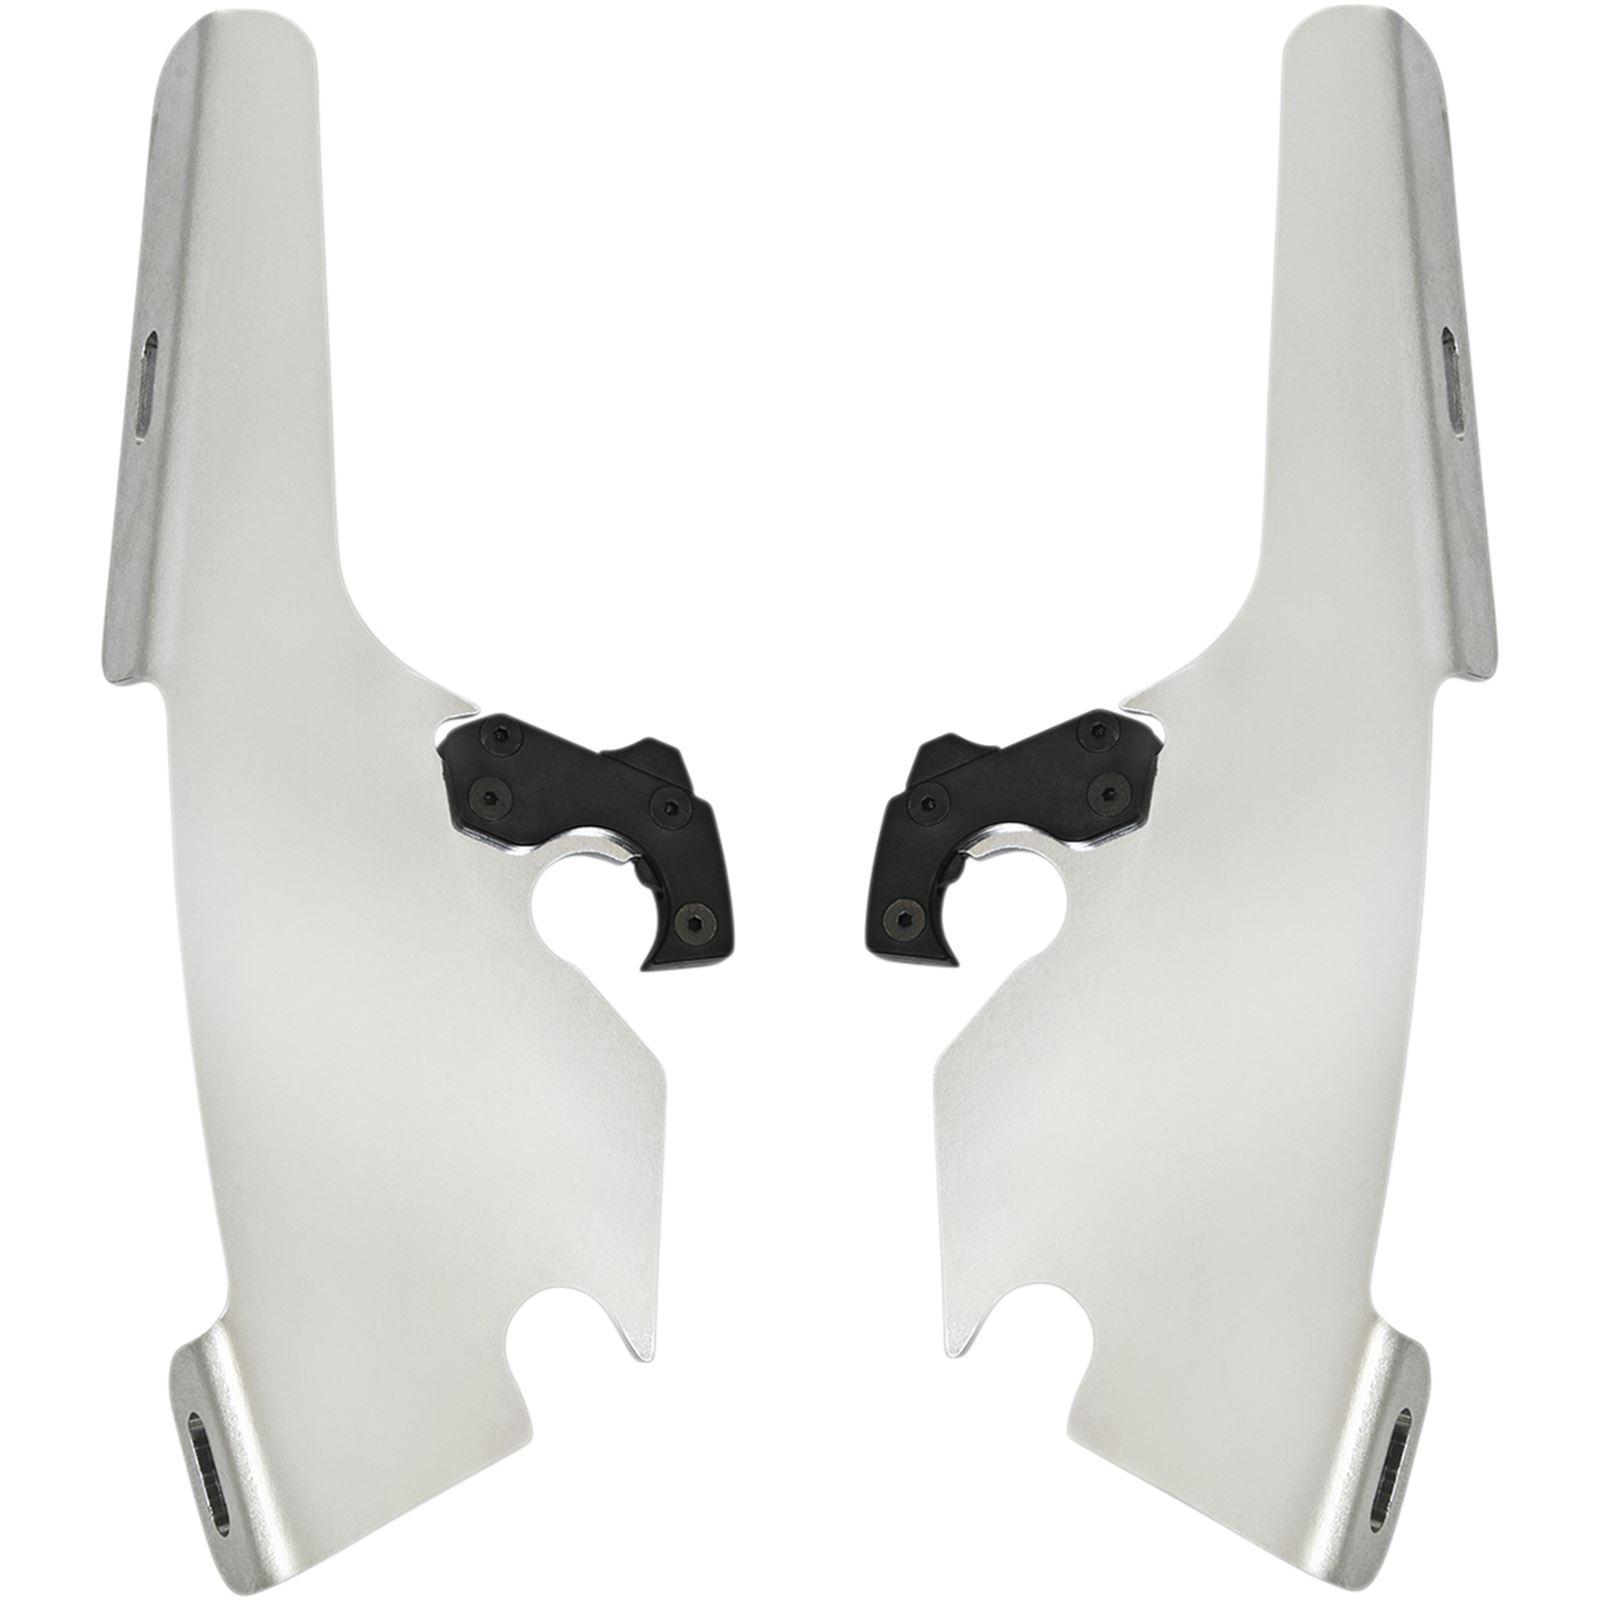 Memphis Shades Fats/Slim Trigger Lock Plate Kit - Polished - FLSB